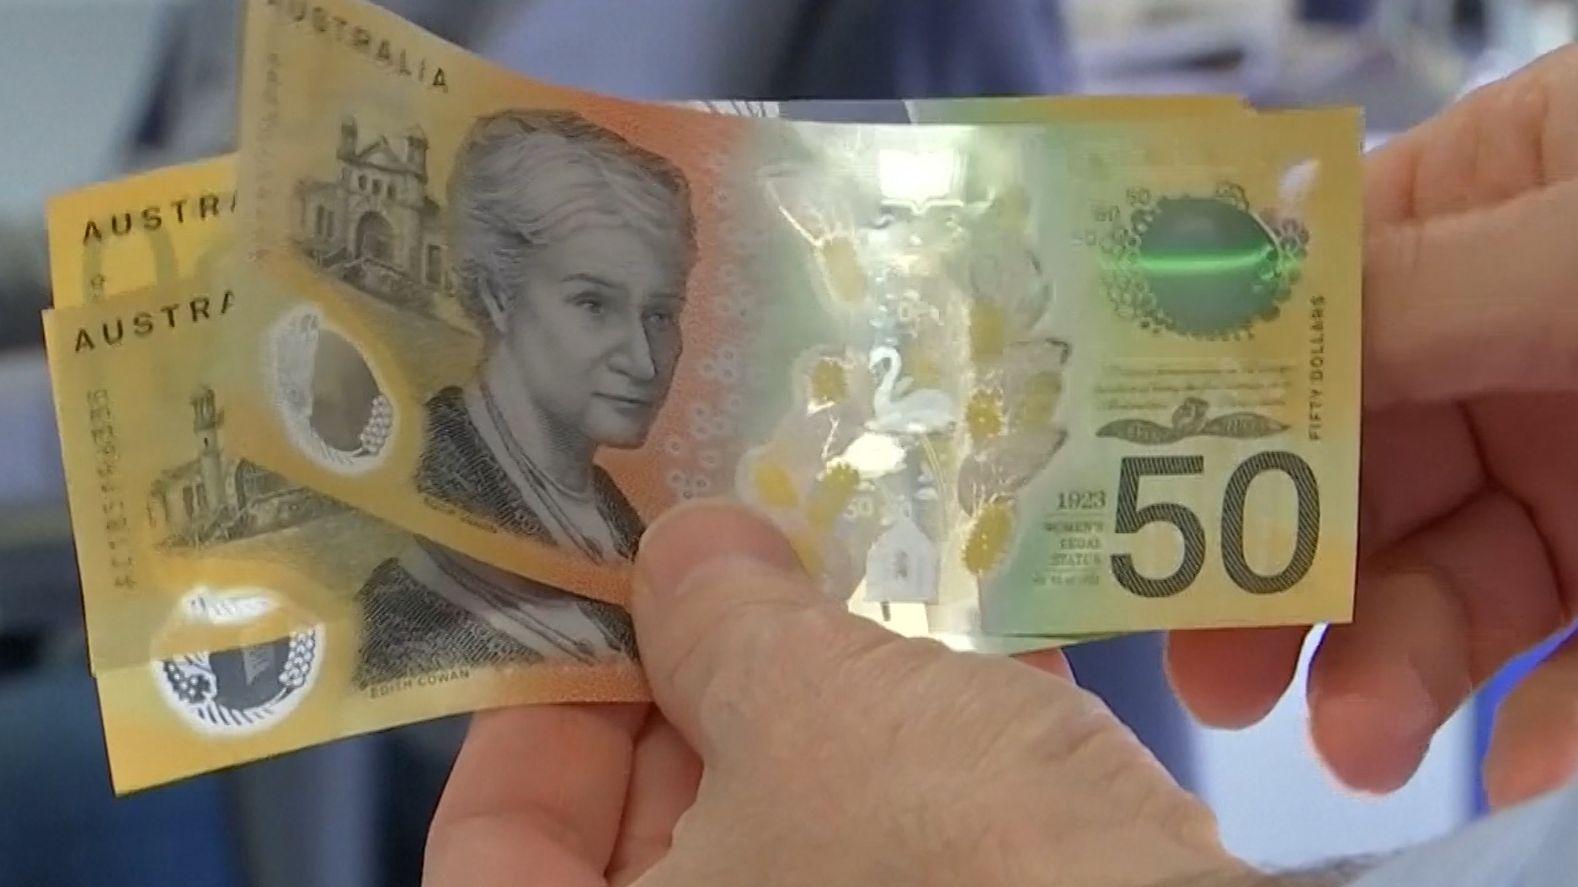 Australischer 50-Dollar-Schein